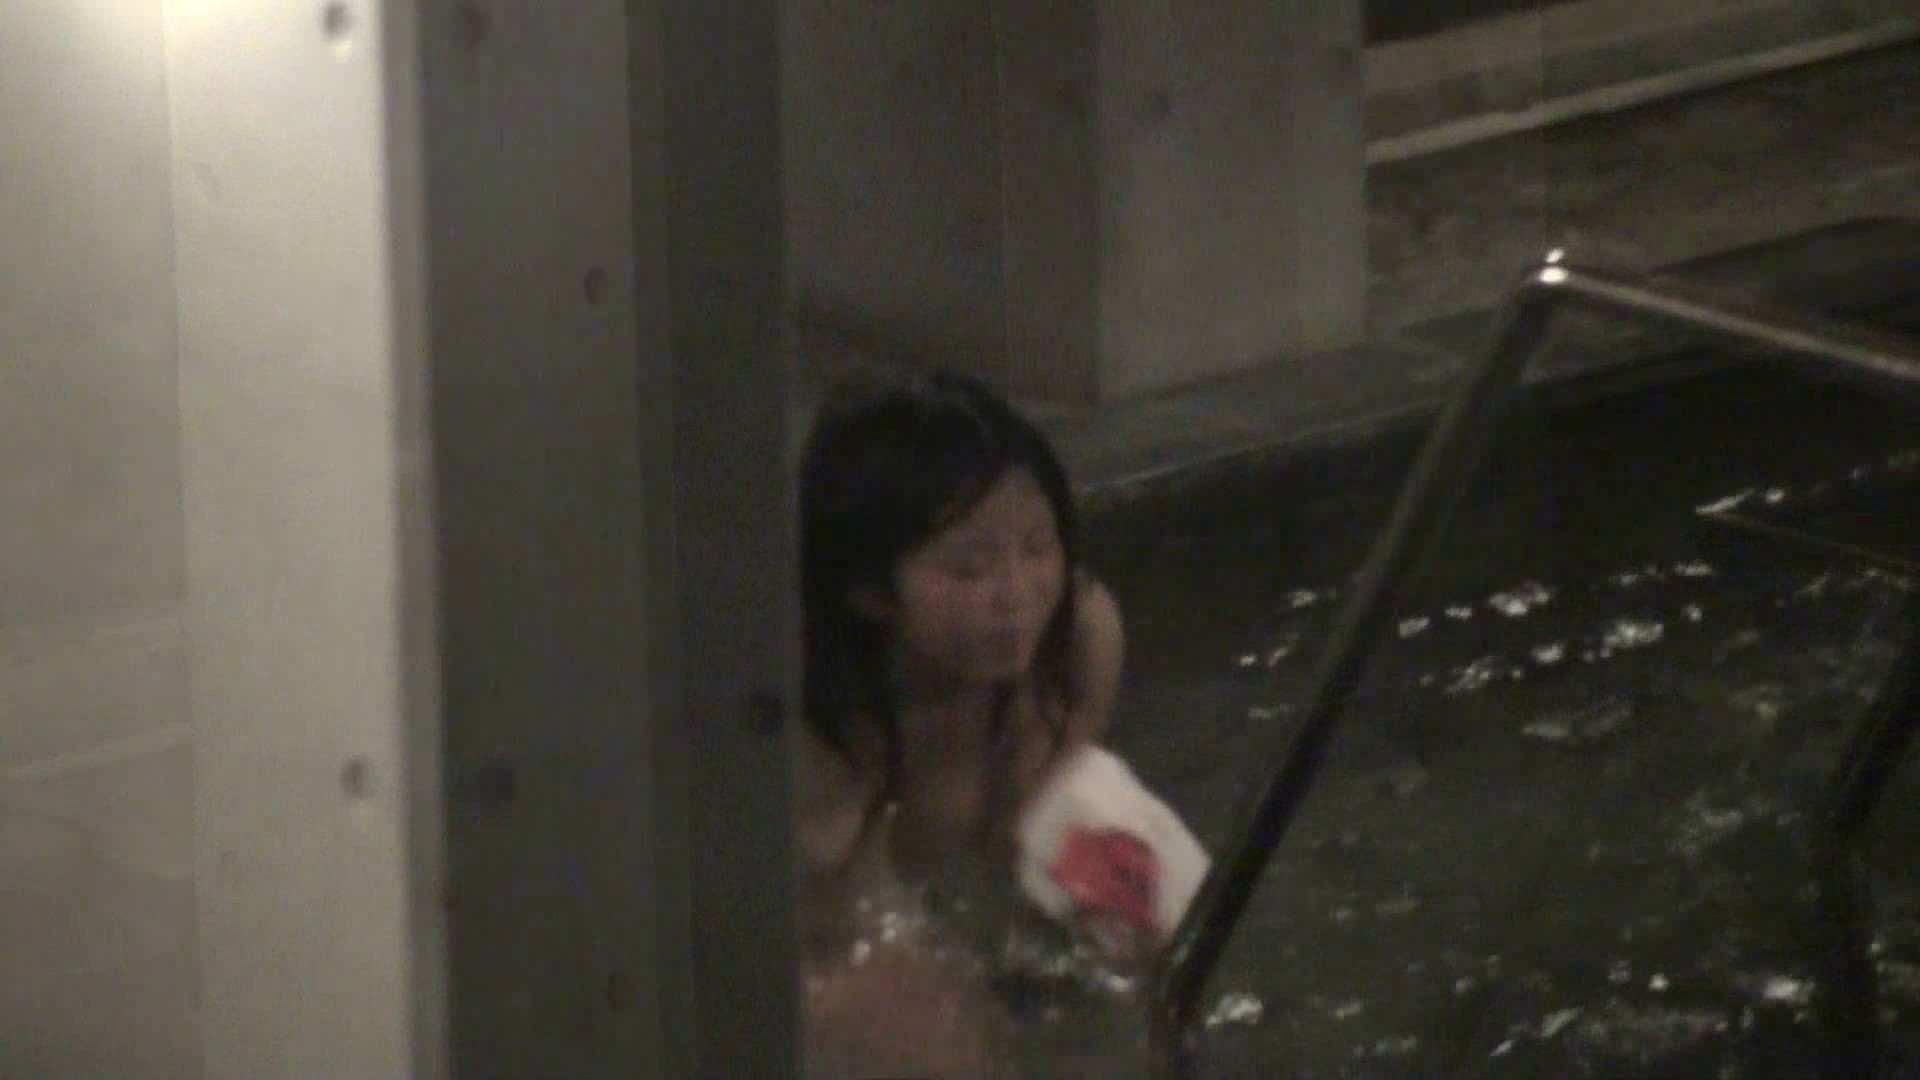 Aquaな露天風呂Vol.326 美しいOLの裸体 覗きおまんこ画像 89pic 41